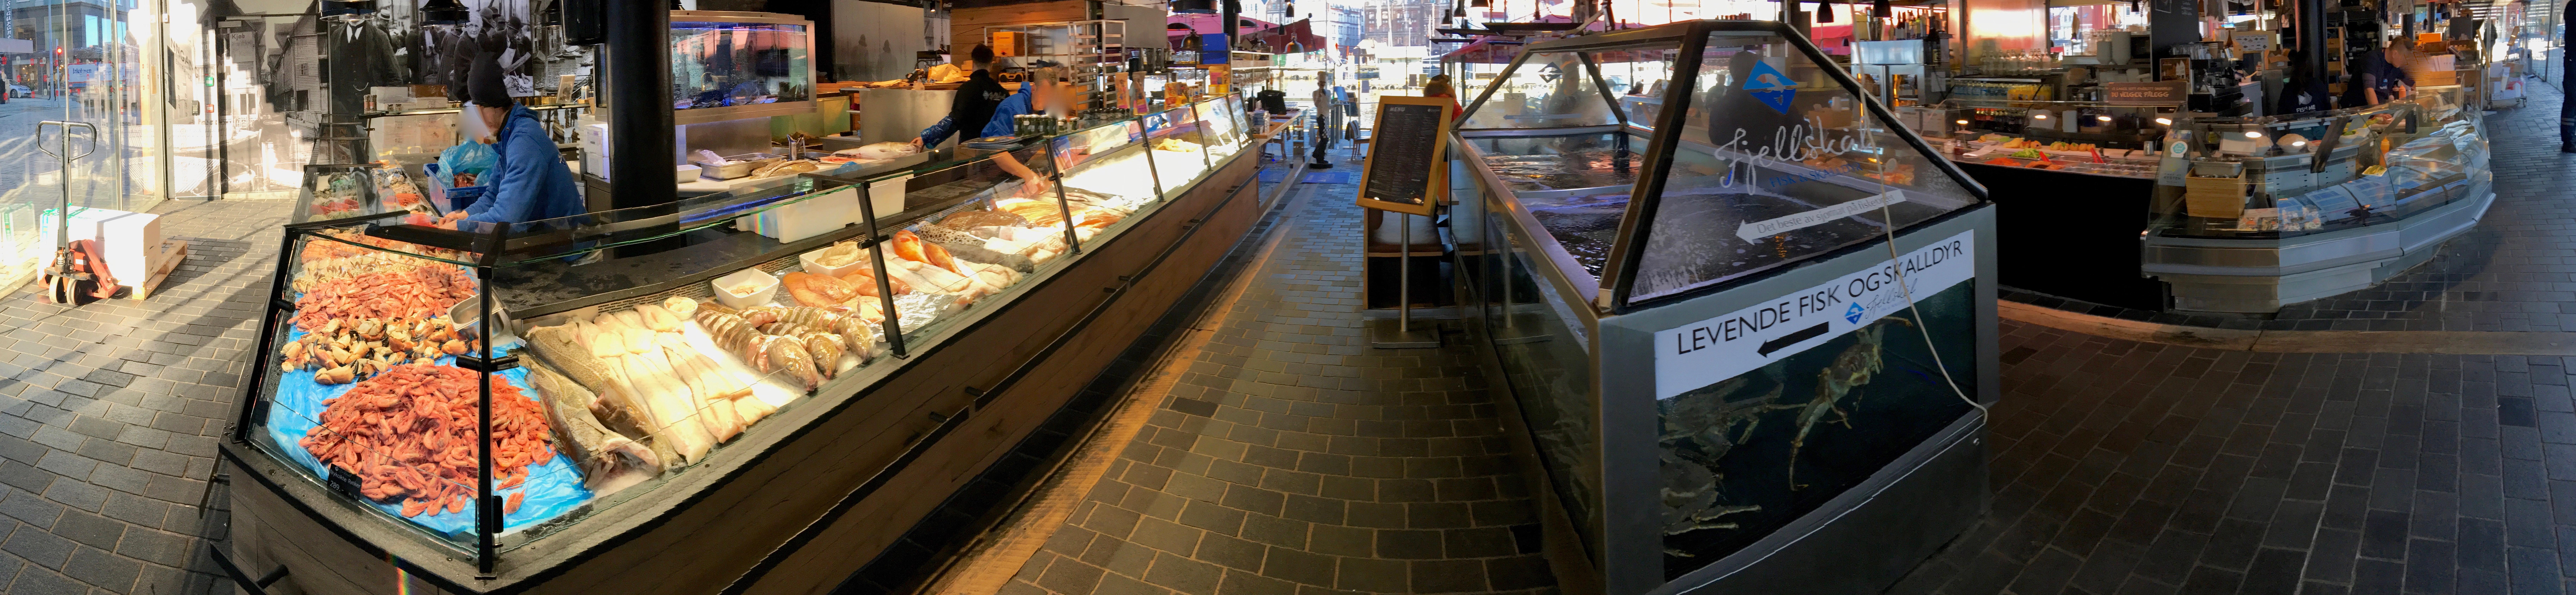 File:Fiskebryggen, Mathallen, Fishmarket, Bergen, Norway